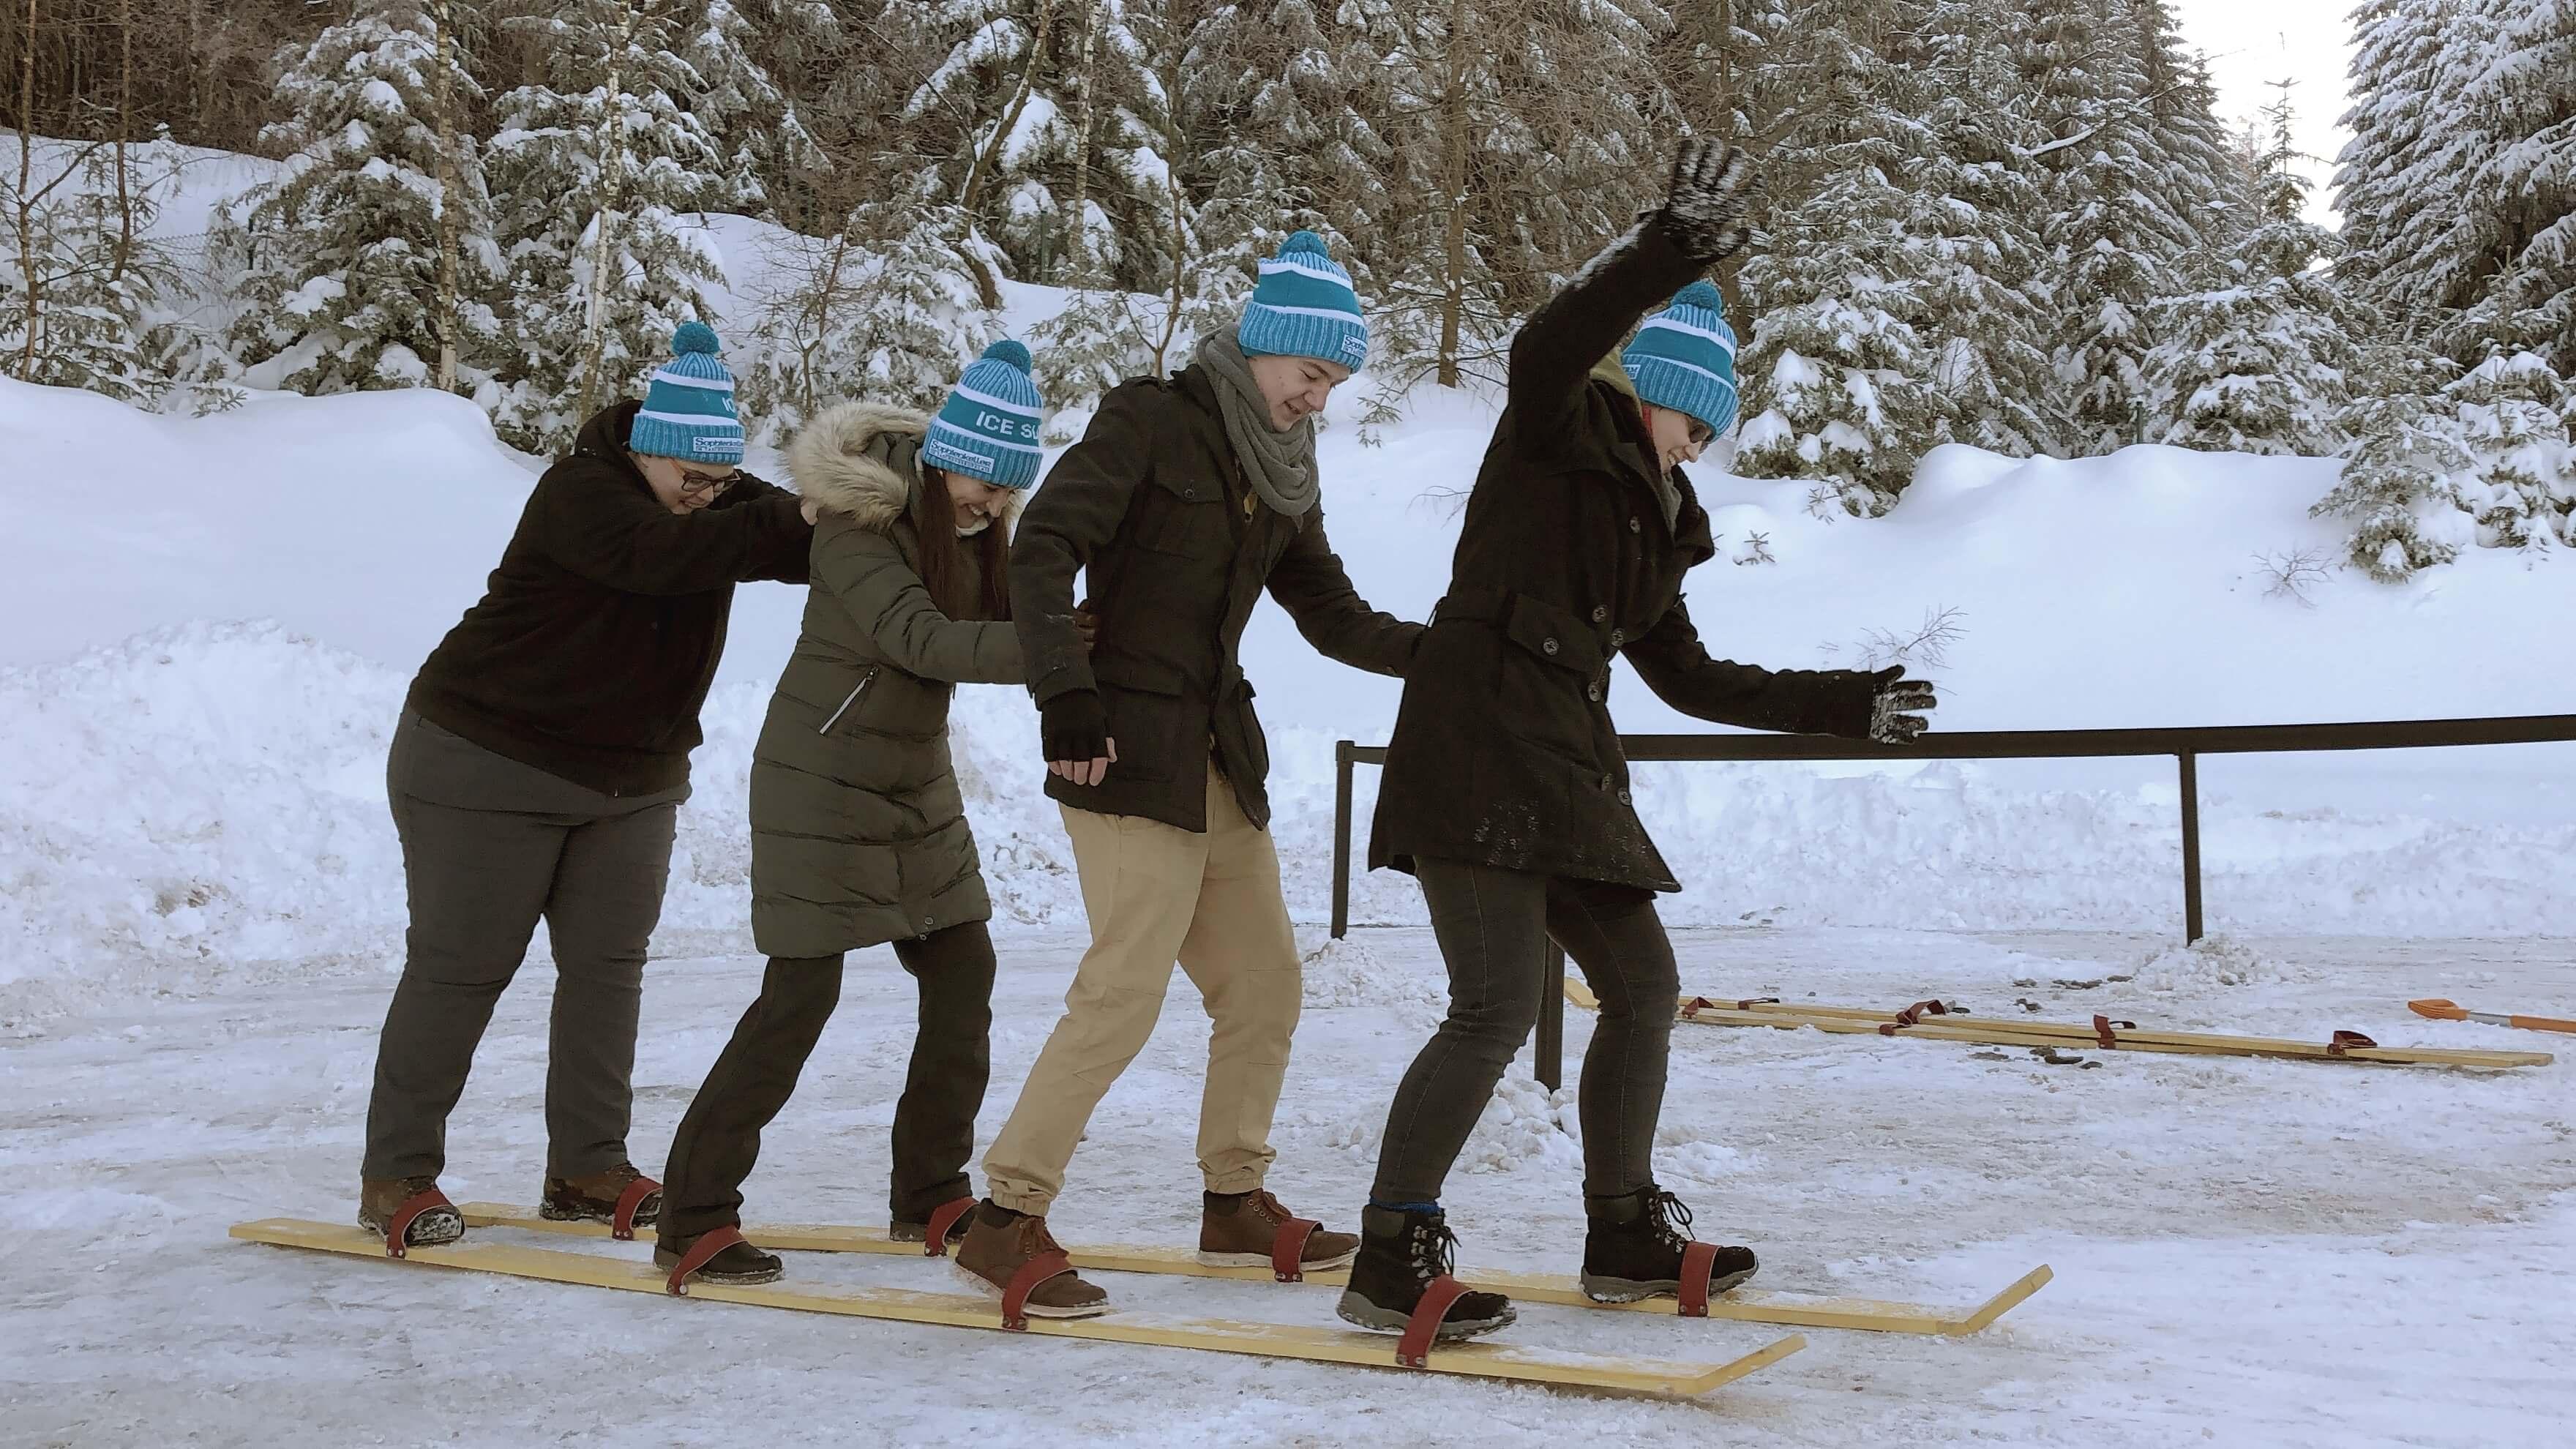 Wintersport Mützen für Mannschaften